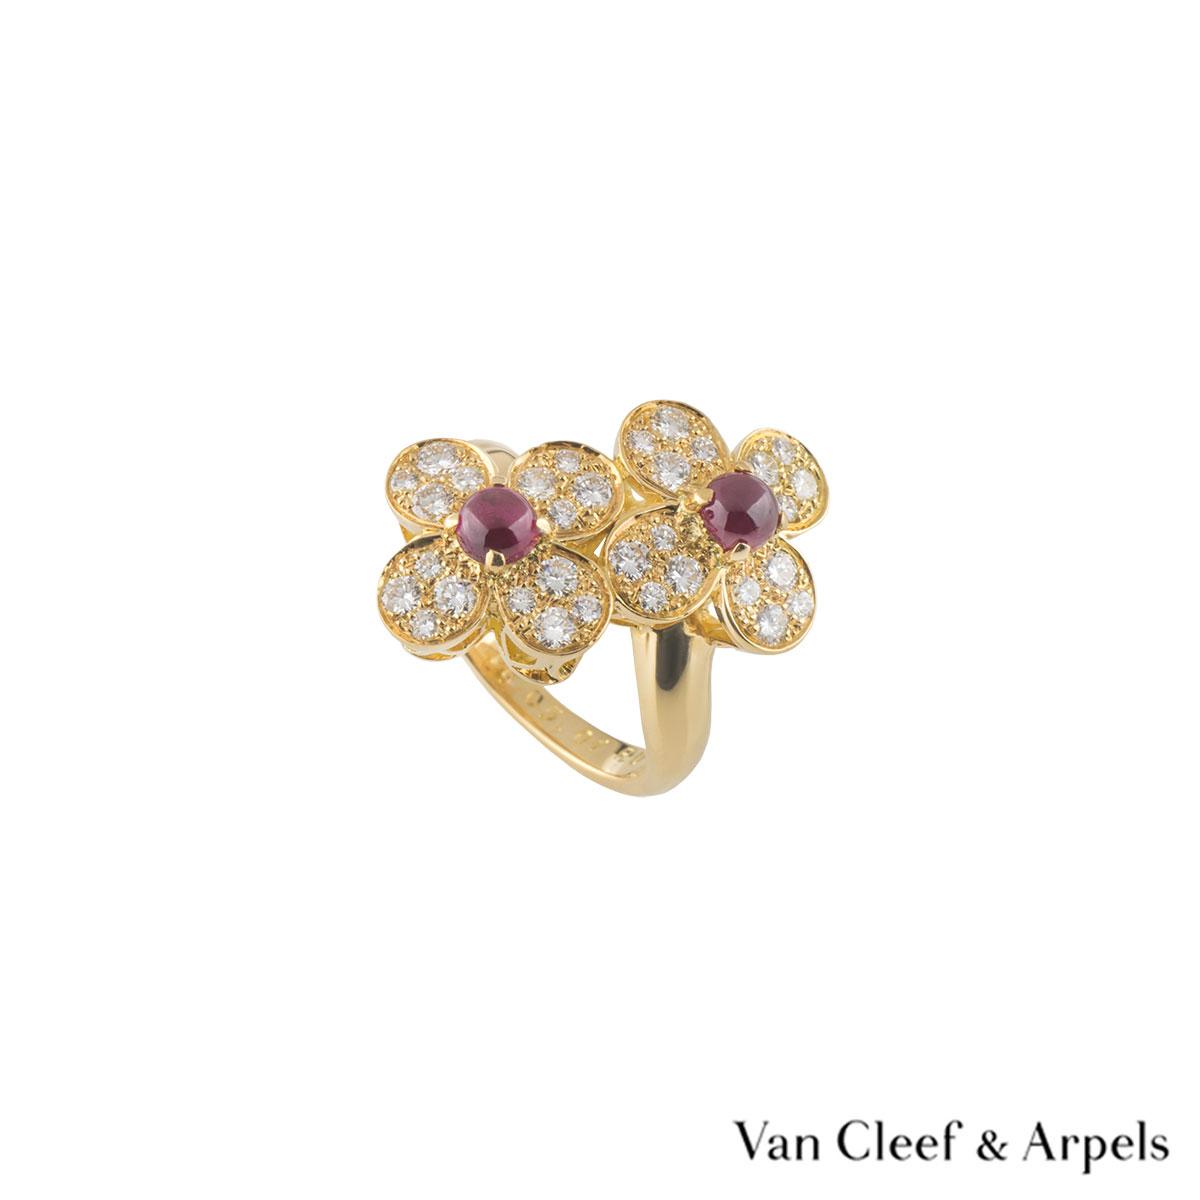 Van Cleef & Arpels Diamond and Ruby Vintage Alhambra Ring